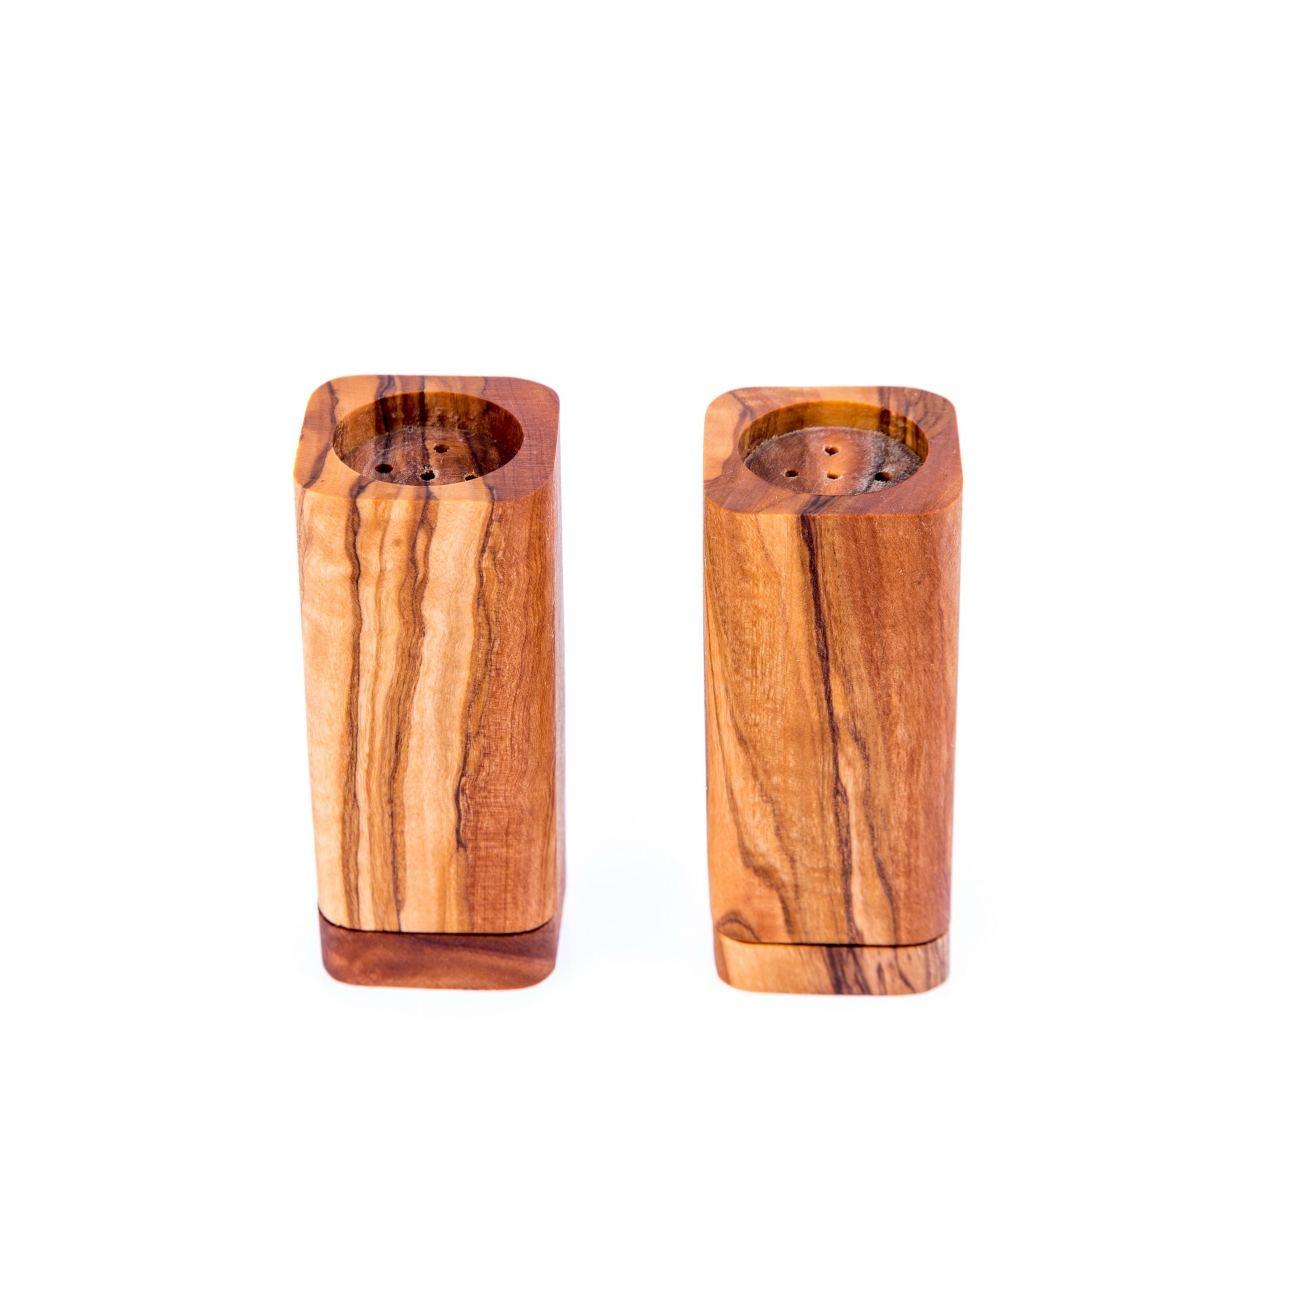 Olive Wood Kitchen Accessories Handmade, Wooden Salt & Pepper ...